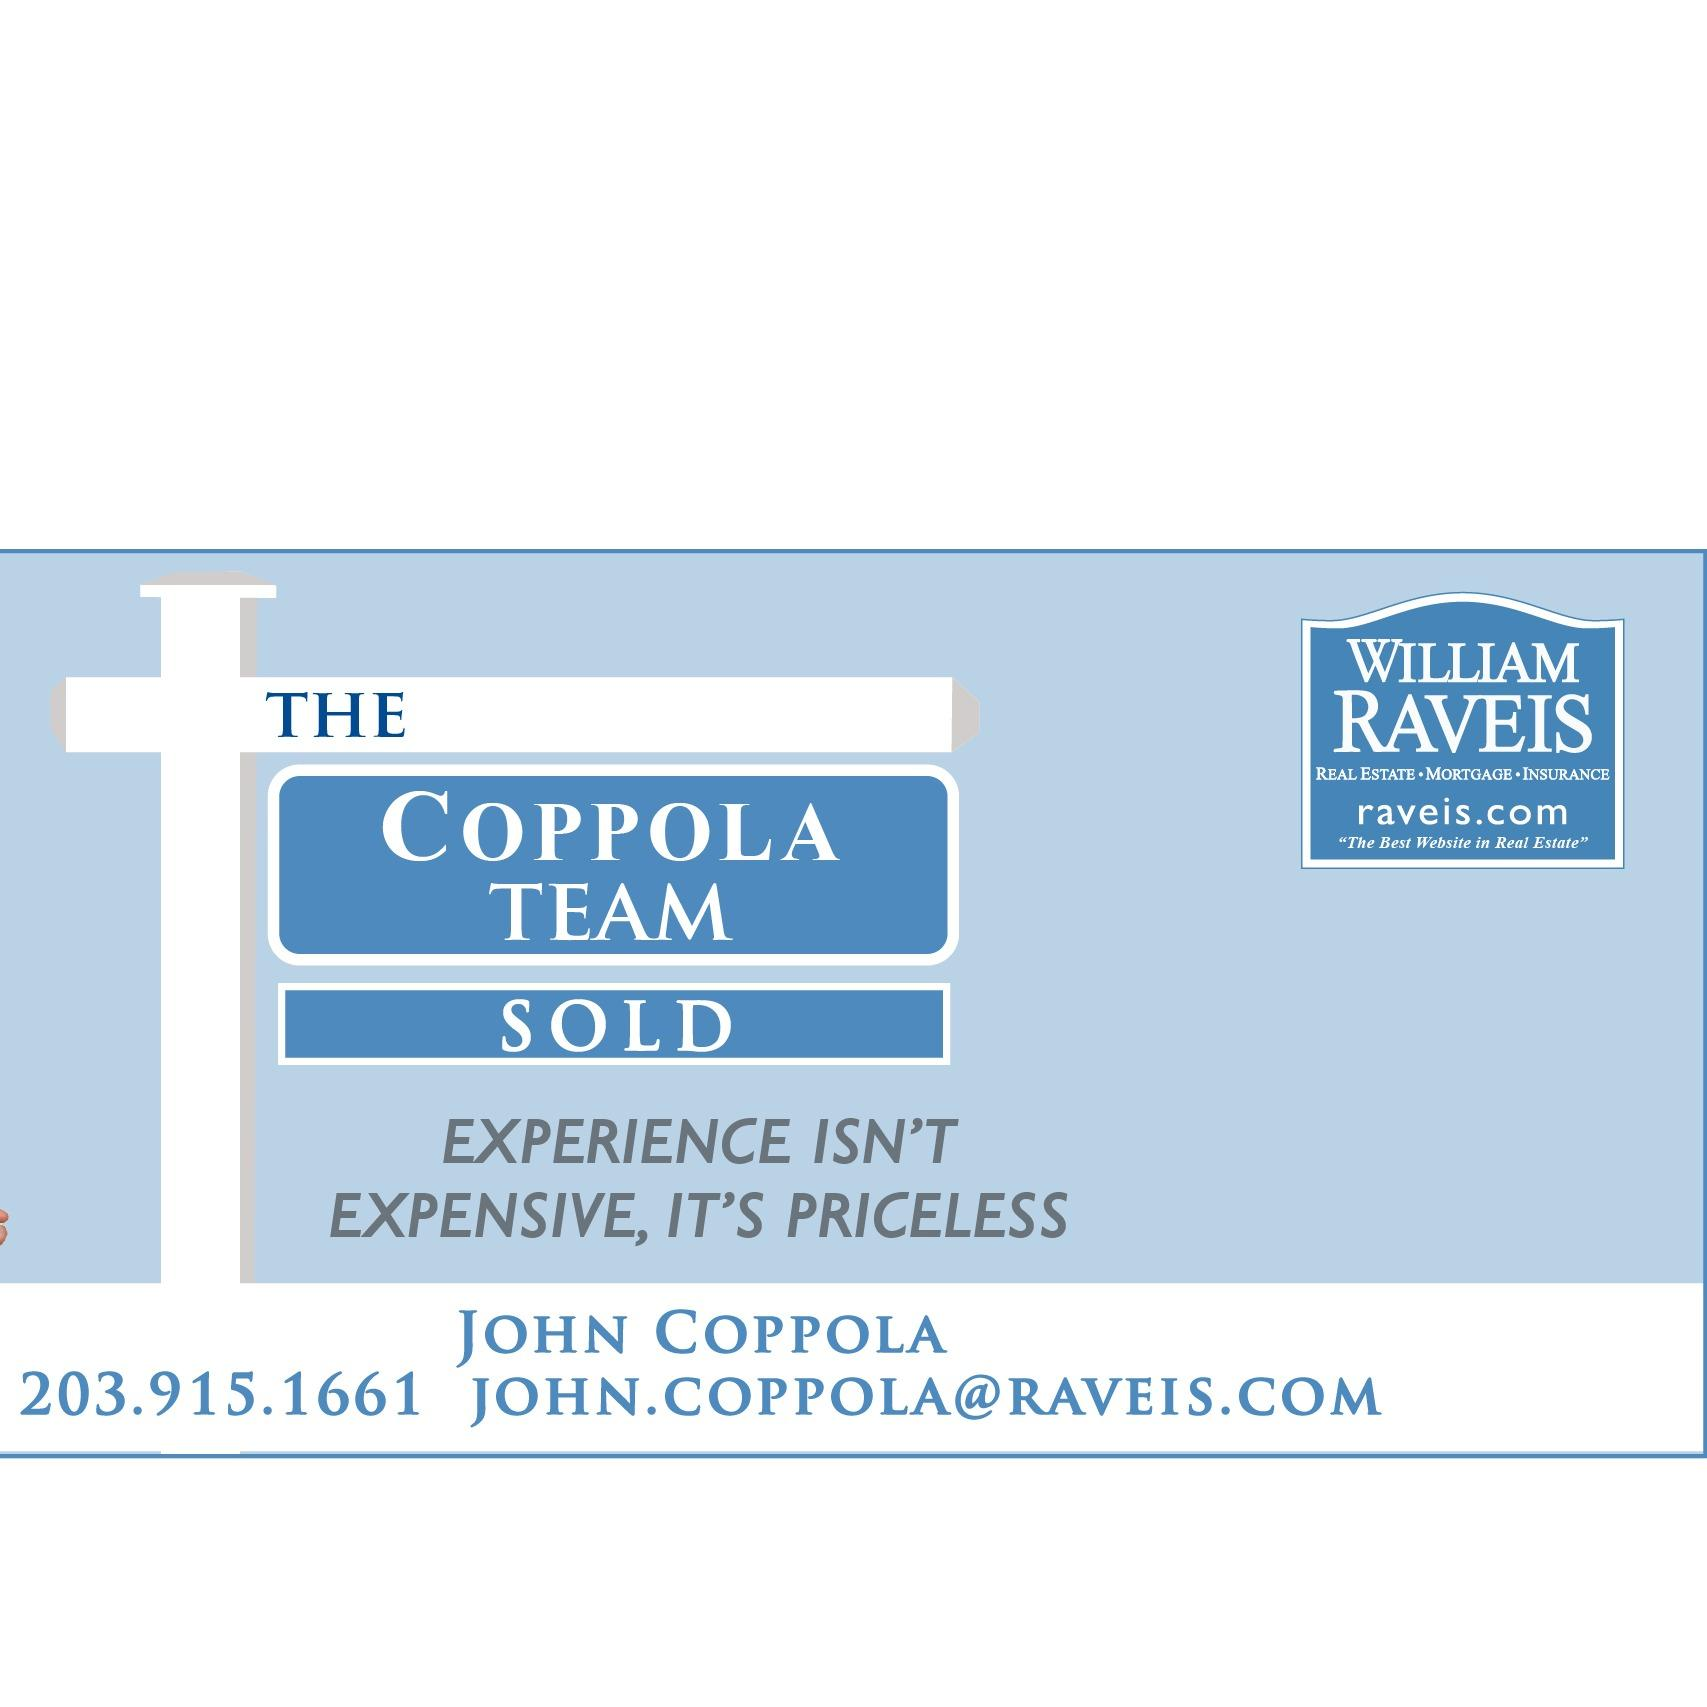 John Coppola - Raveis Real Estate